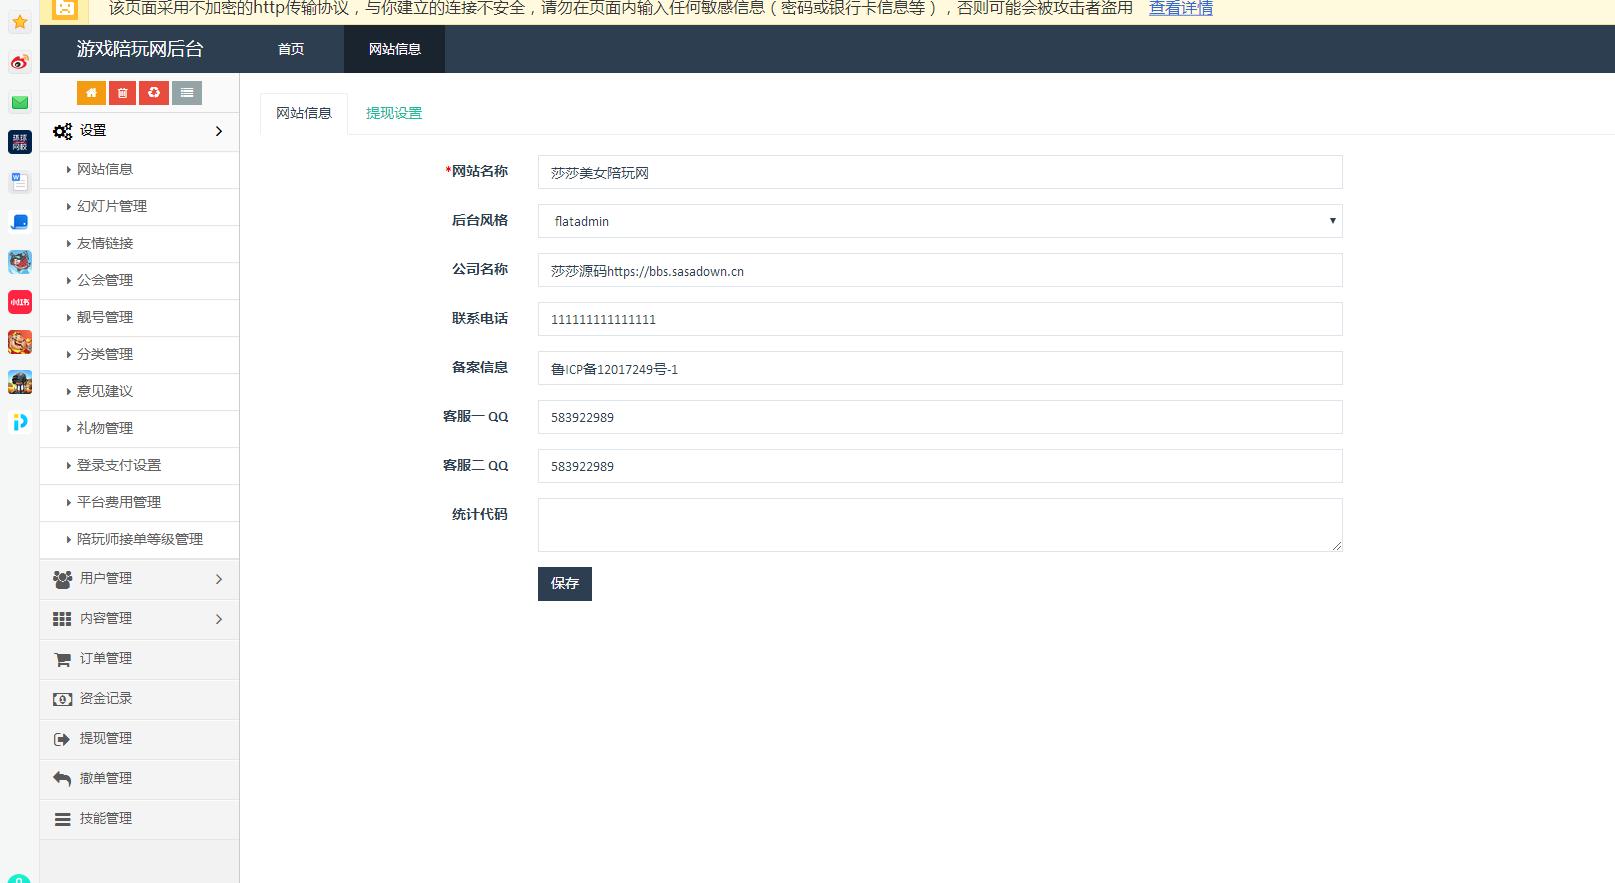 互站卖5000全开源陪玩平台源码MM约玩声优服务陪玩系统源码开黑约玩源码搭建视频-一天源码